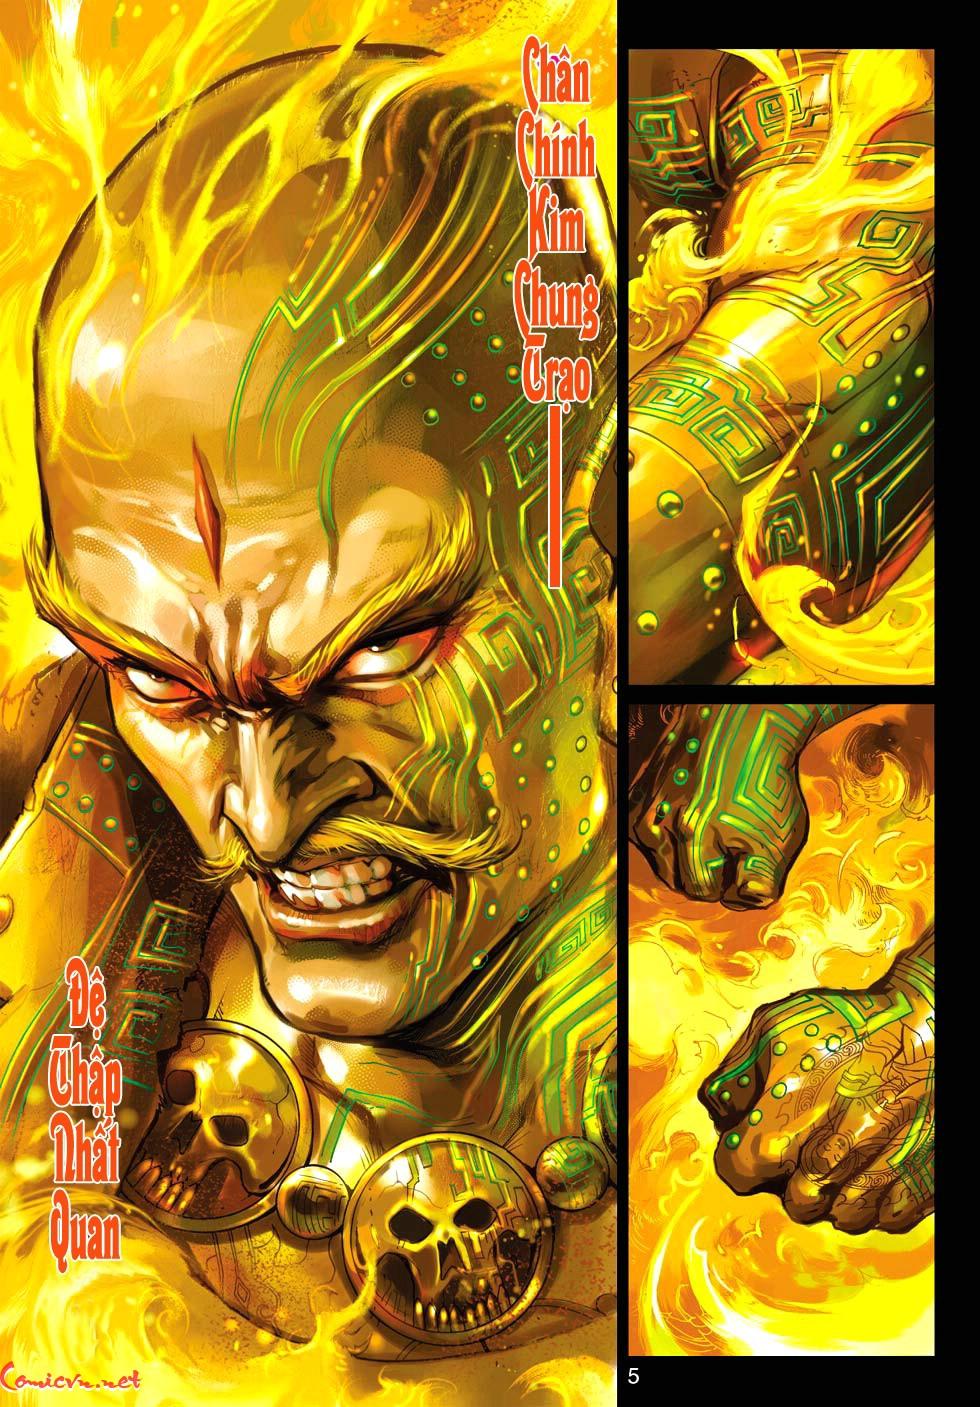 Vương Phong Lôi 1 chap 30 - Trang 4